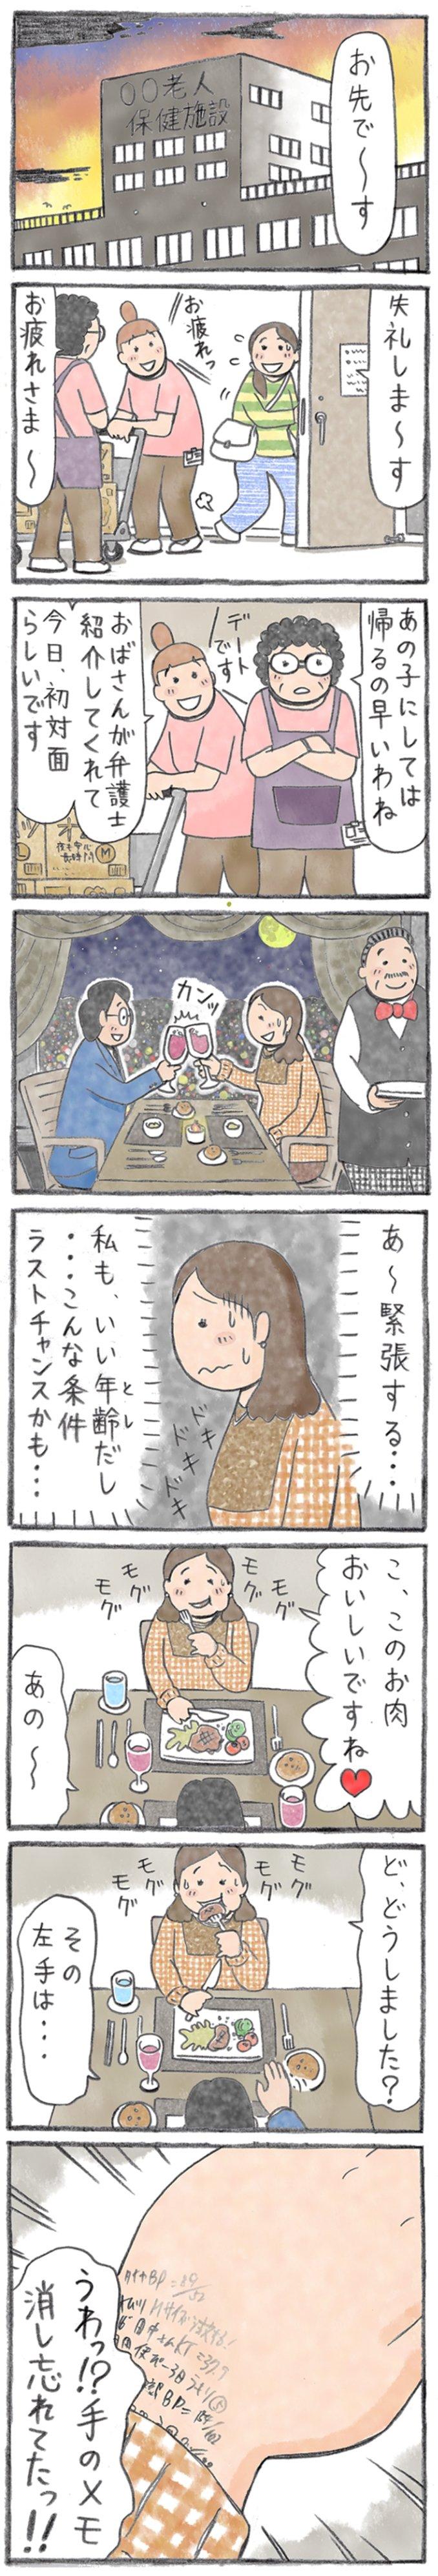 comictohoho_20210105_01.jpg